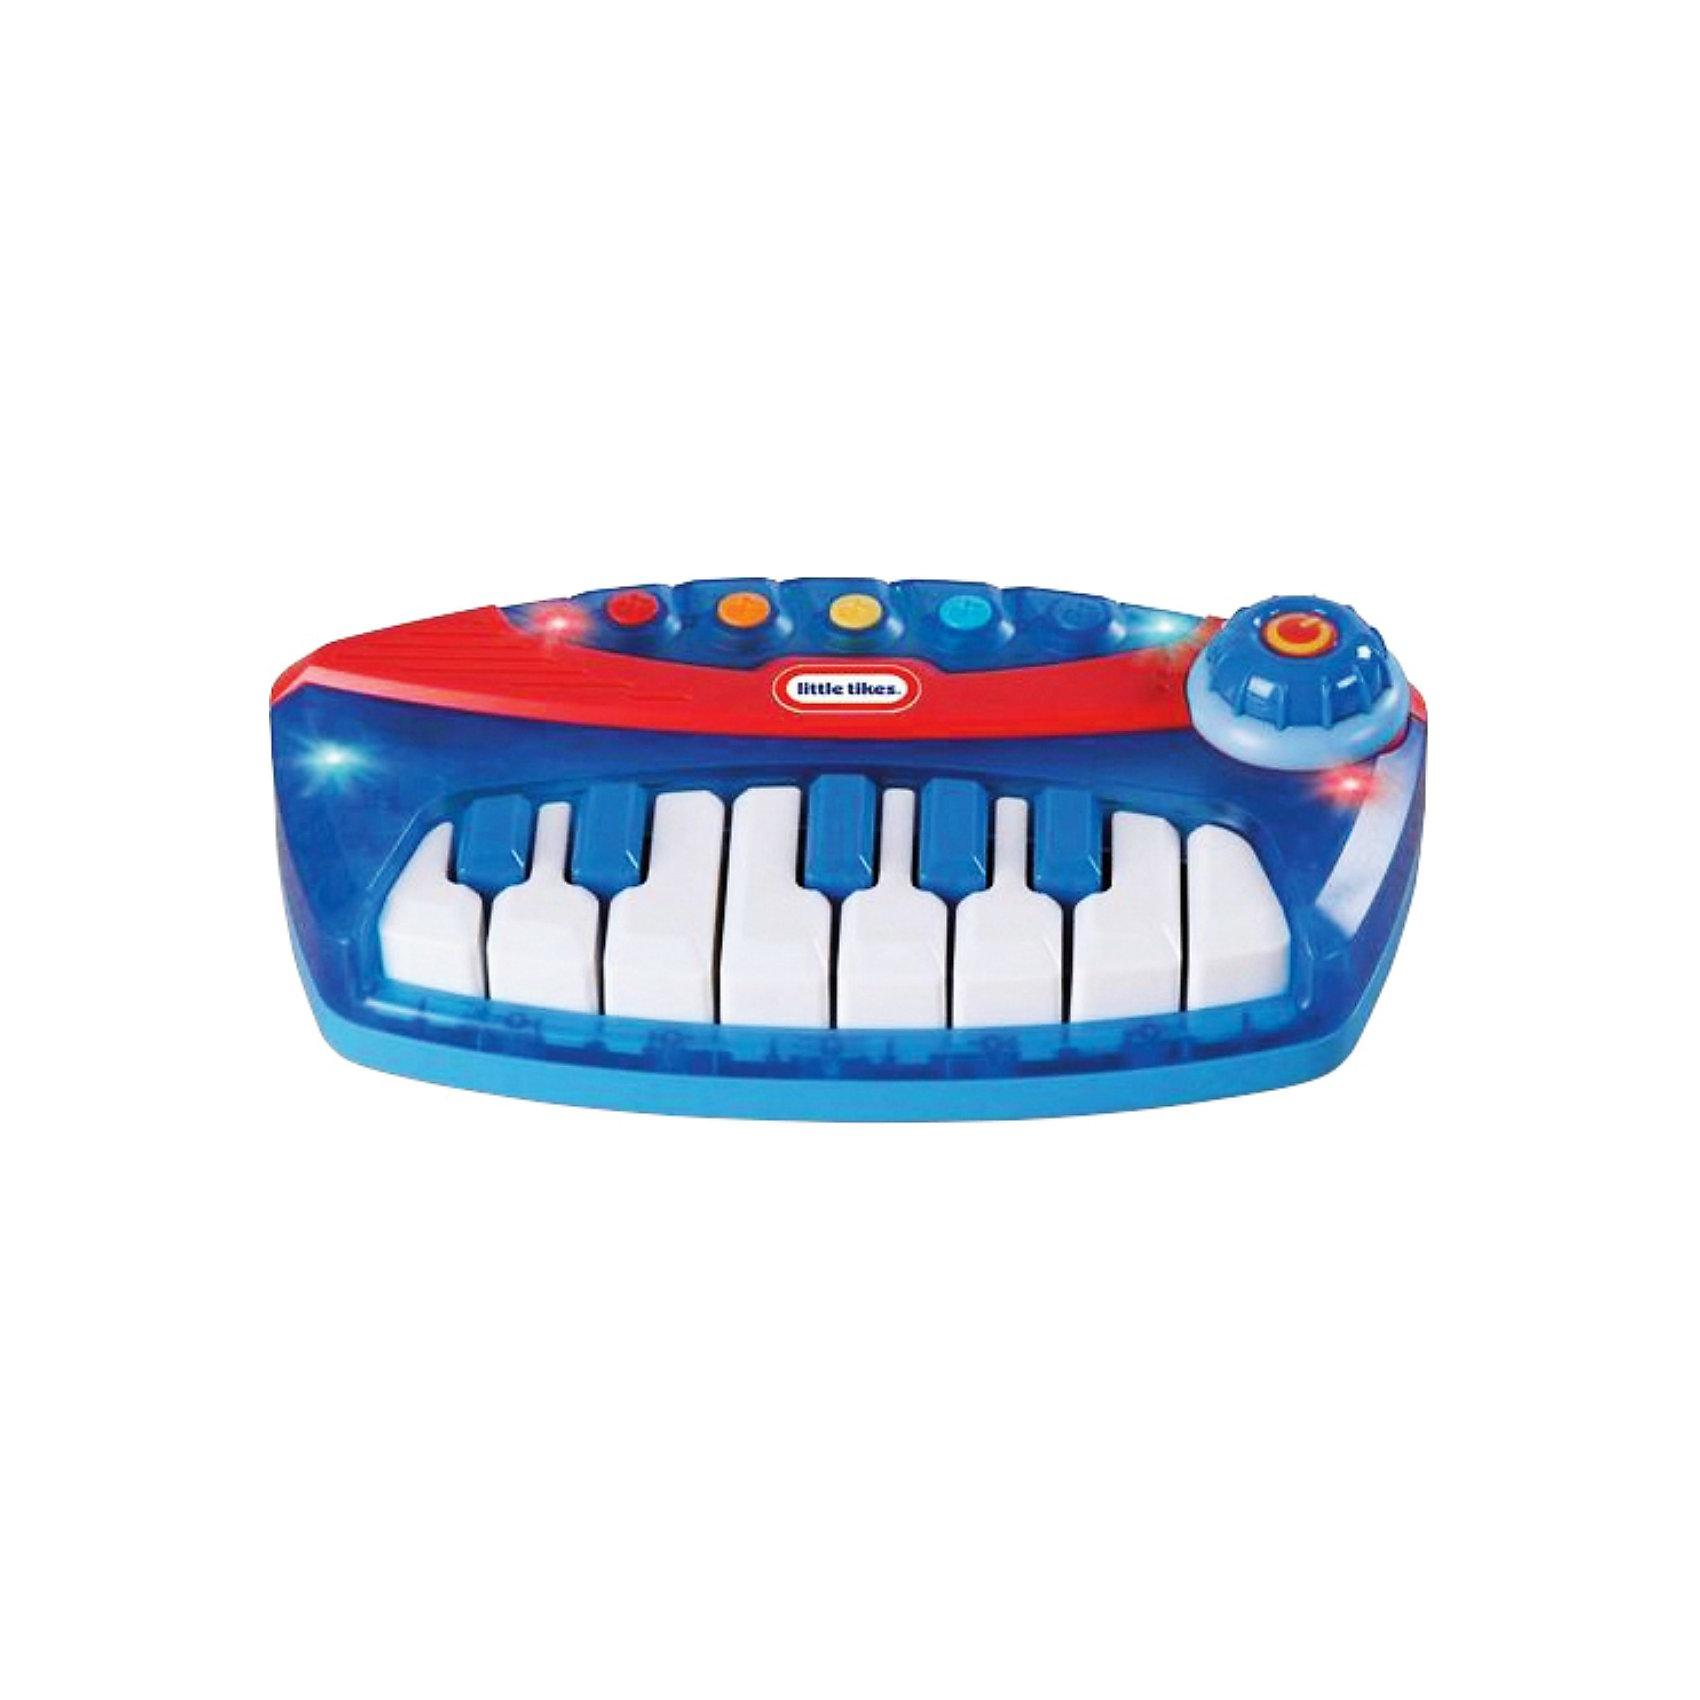 Пианино, Little TikesПианино, Little Tikes - отличная музыкальная игрушка- инструмент, который сможет освоить даже самый маленький ребенок!<br><br>Пианино Литтл Тайкс может проигрывать как записанные в память мелодии (всего 5 предзаписанных мелодий), так и музыку, которую сочинит Ваш малыш. На клавиатуре есть целая нотная октава, и ребенок может почувствовать себя настоящим композитором.  Клавиатура подсвечивается красными и синими огоньками. На корпусе расположены пять ярких разноцветных клавиш, которые очень удобно нажимать маленькими детскими пальчиками. Если юный пианист хорошо осваивает музыкальный  инструмент, то он может воспользоваться возможностью переключения ладов: мажорный и минорный. Способствует развитию у ребенка фантазии, любви к музыке, а также формированию музыкальных наклонностей.<br><br>Дополнительная информация:<br><br>- В комплекте: игрушка-пианино, со светом и звуком.<br>- 5 предзаписанных мелодий.<br>- Возможность переключения ладов (мажор/минор).<br>- Кнопка 2 в 1 (включение/ выключение и контроль). - Регулировка громкости звука. <br>- Питание: требуются 3 батарейки АА. (включены)<br>- Размеры (Д)26 Х (Ш)38 Х7,5(В) см<br>- Вес: 850 г<br><br>Пианино, Little Tikes  можно купить в нашем интернет-магазине.<br><br>Ширина мм: 380<br>Глубина мм: 75<br>Высота мм: 260<br>Вес г: 888<br>Возраст от месяцев: 24<br>Возраст до месяцев: 60<br>Пол: Унисекс<br>Возраст: Детский<br>SKU: 3363005